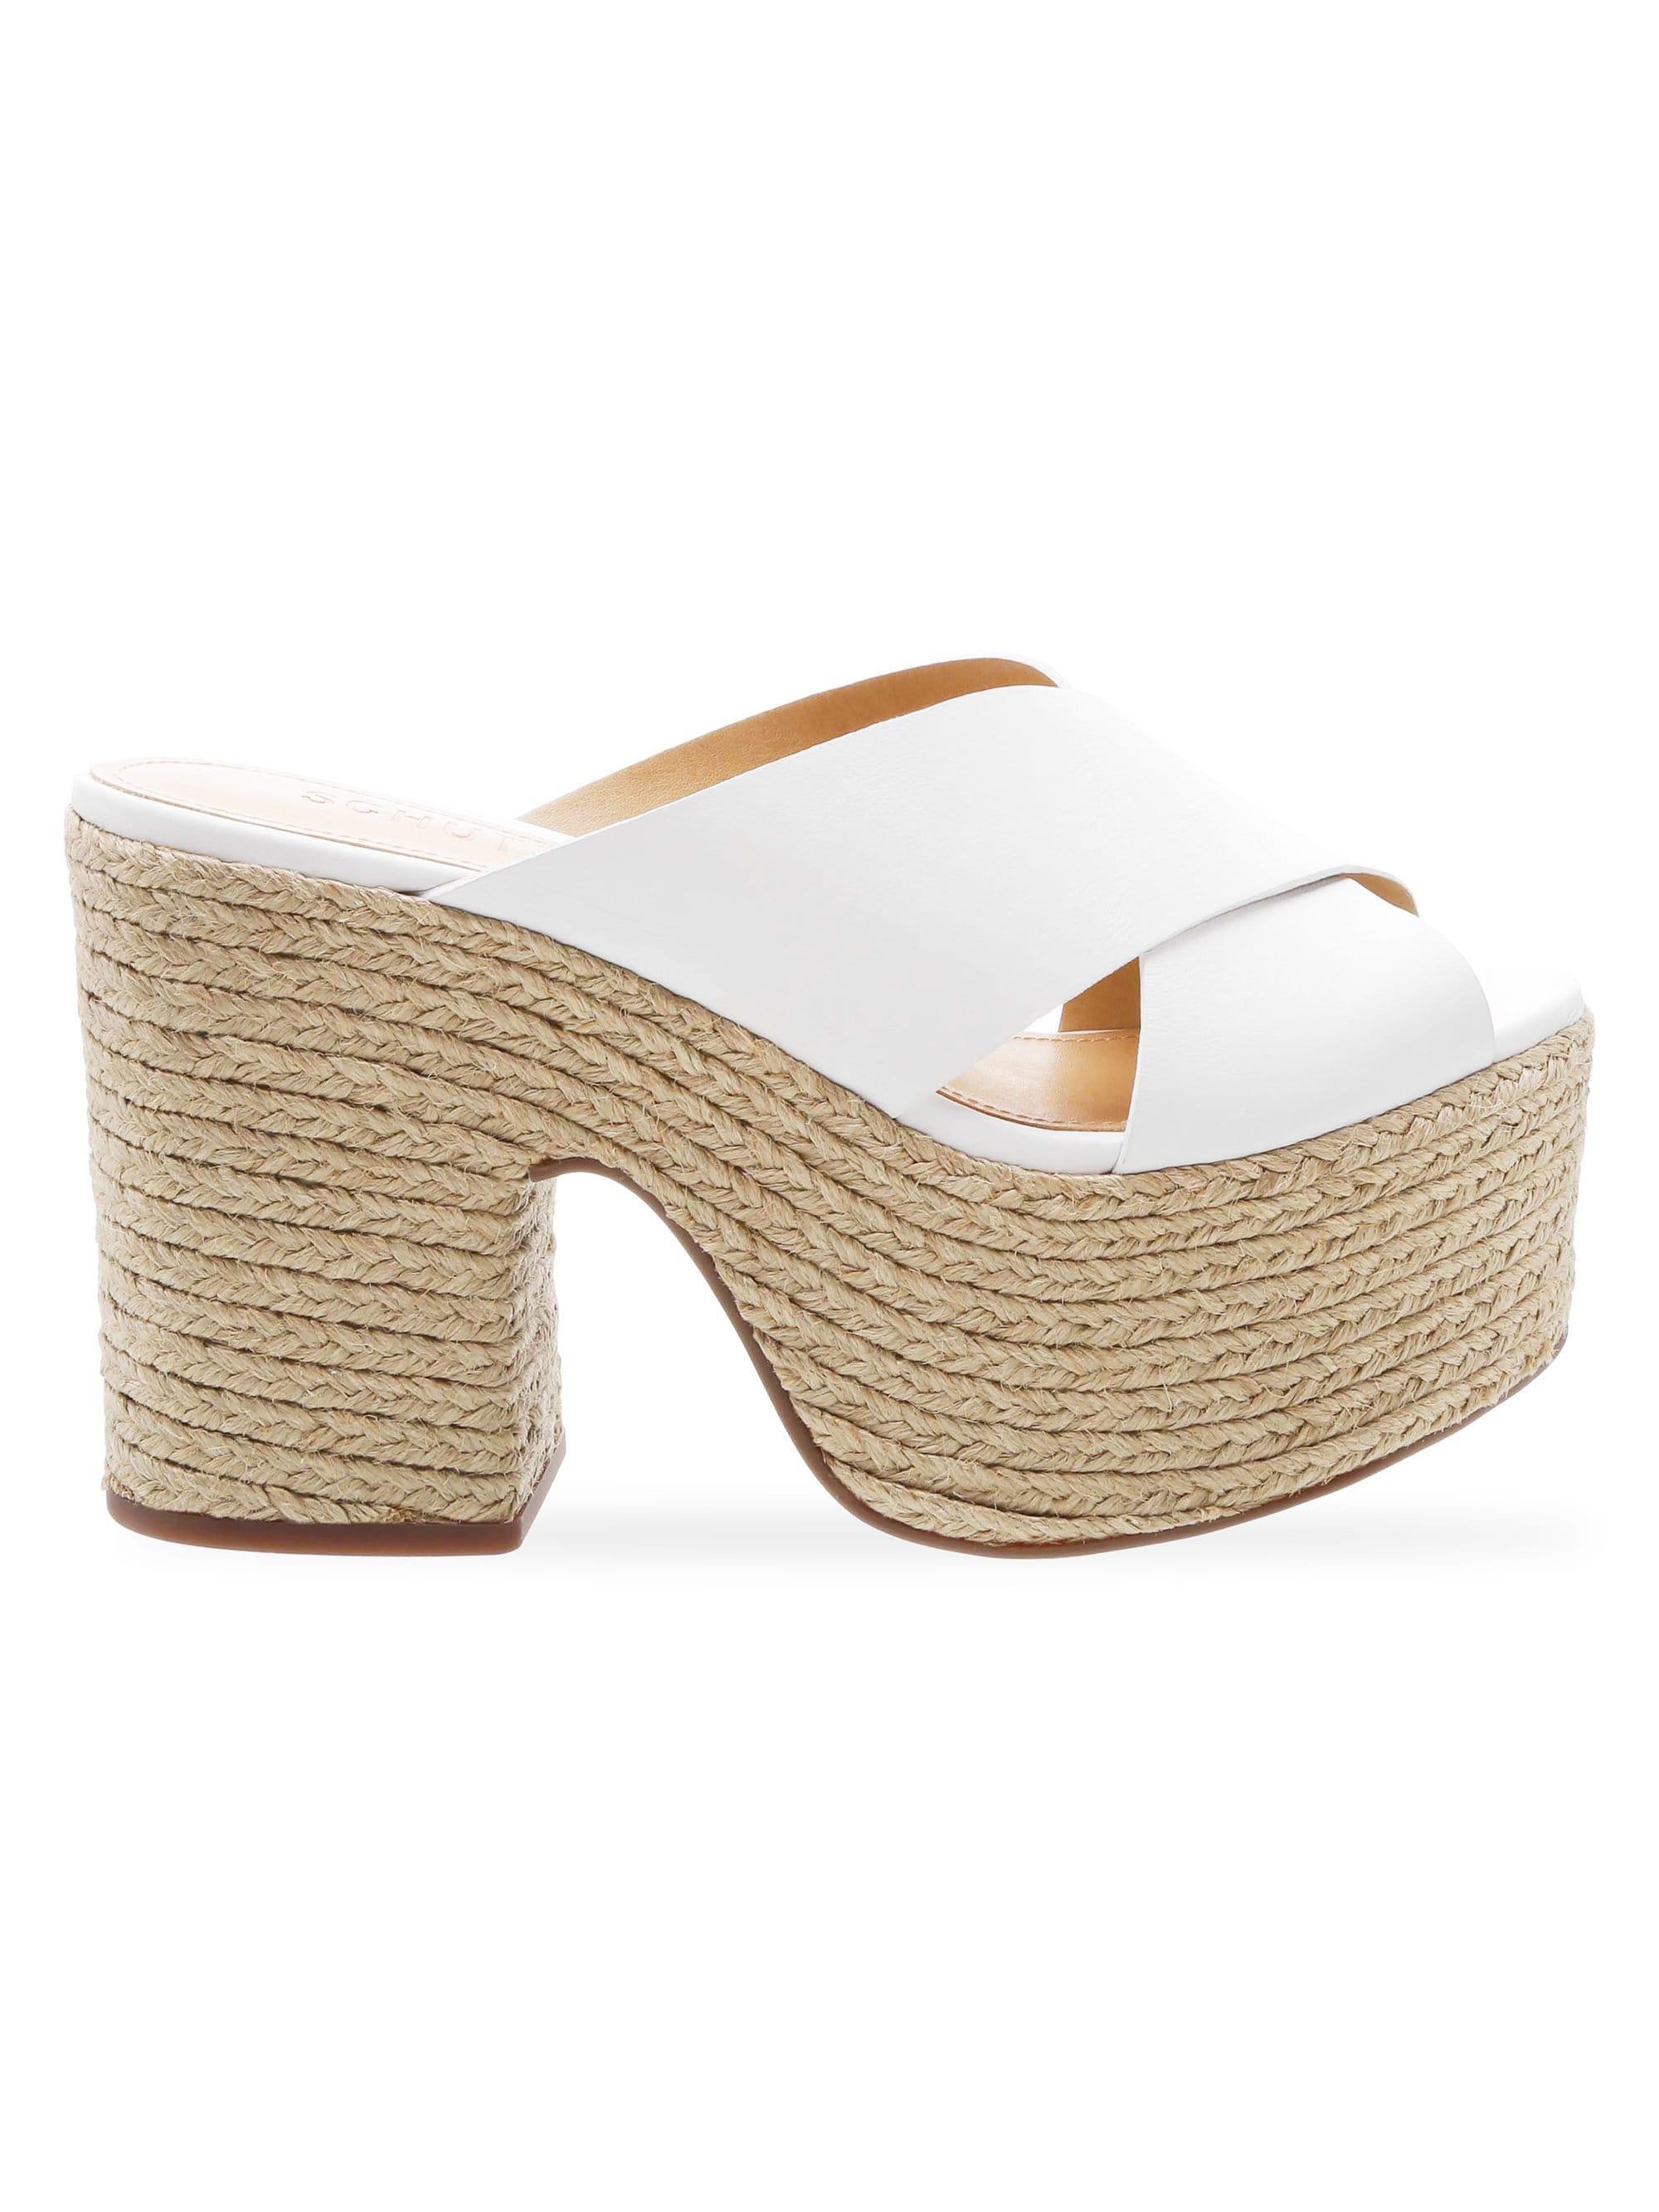 4a29f344676 Lyst - Schutz Women s Lora Braided Platform Wedge Sandals - White in ...